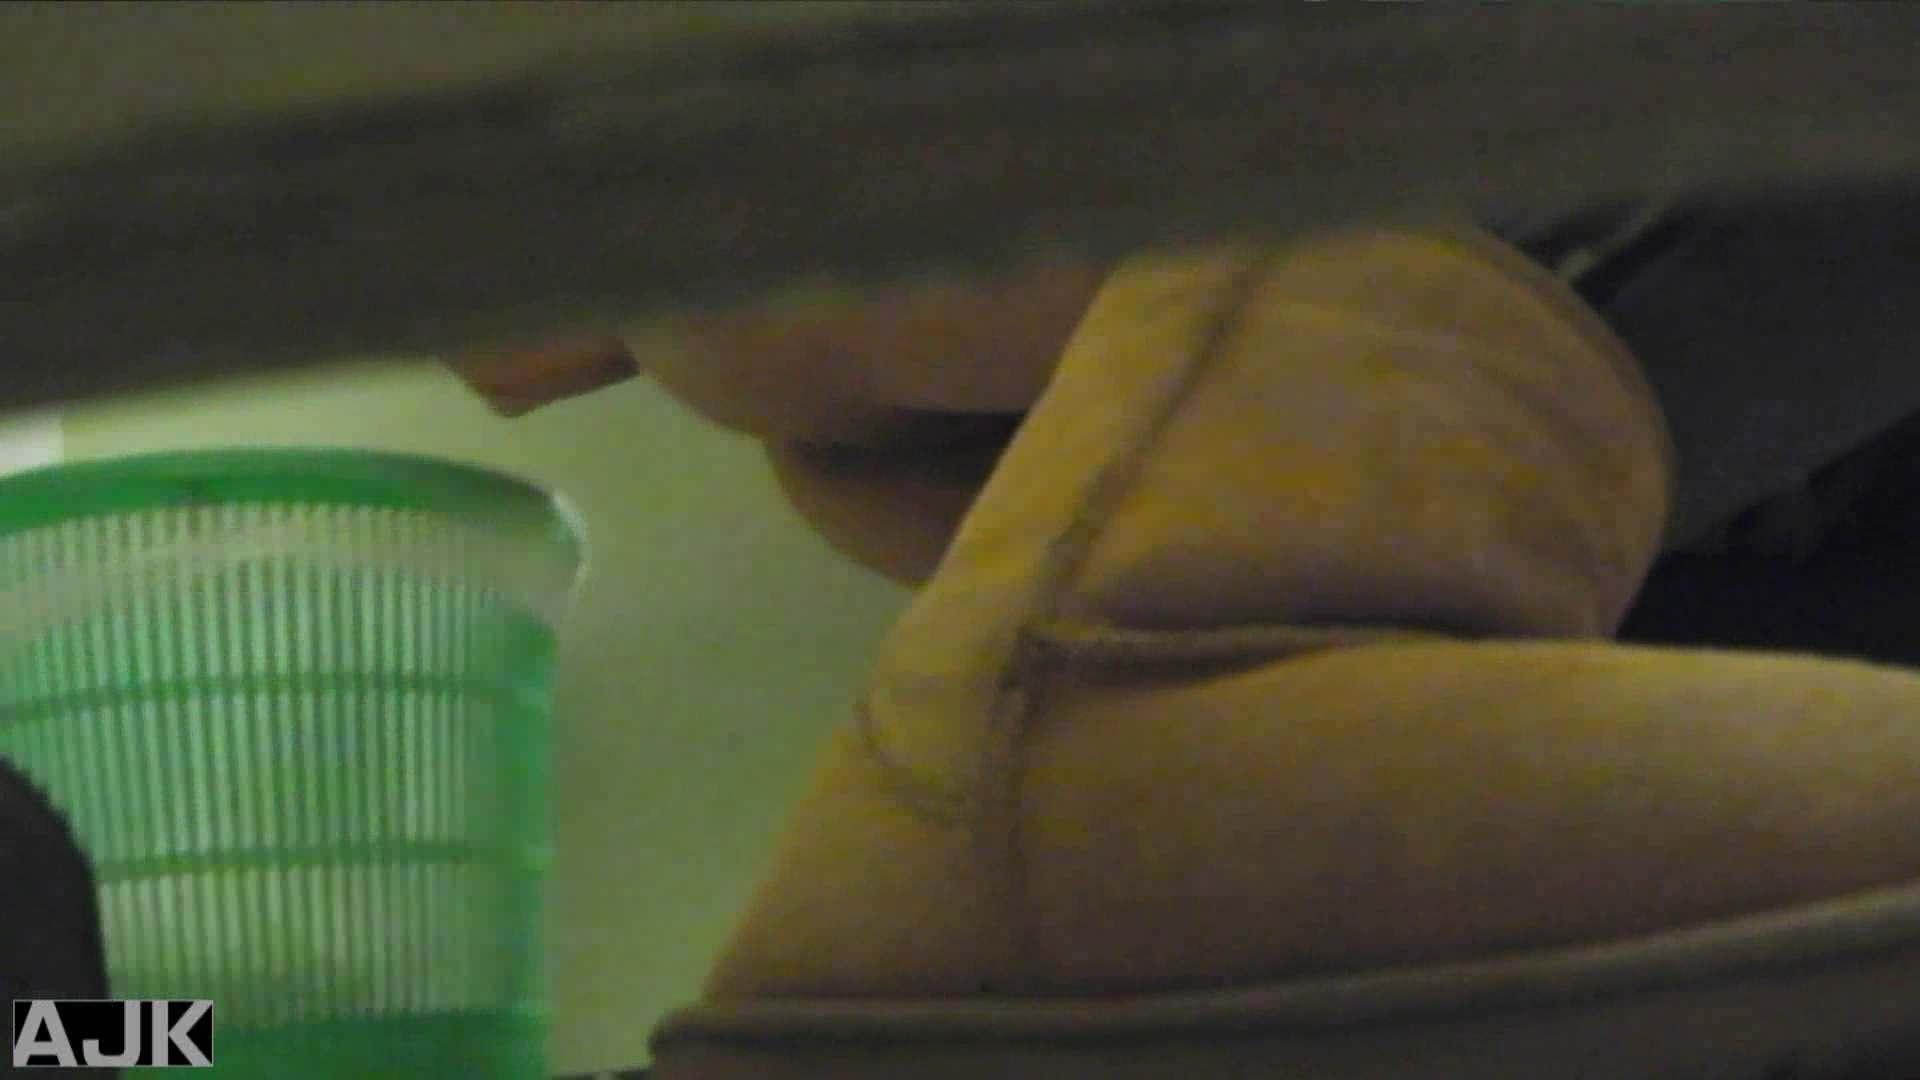 隣国上階級エリアの令嬢たちが集うデパートお手洗い Vol.20 お手洗い  89pic 38